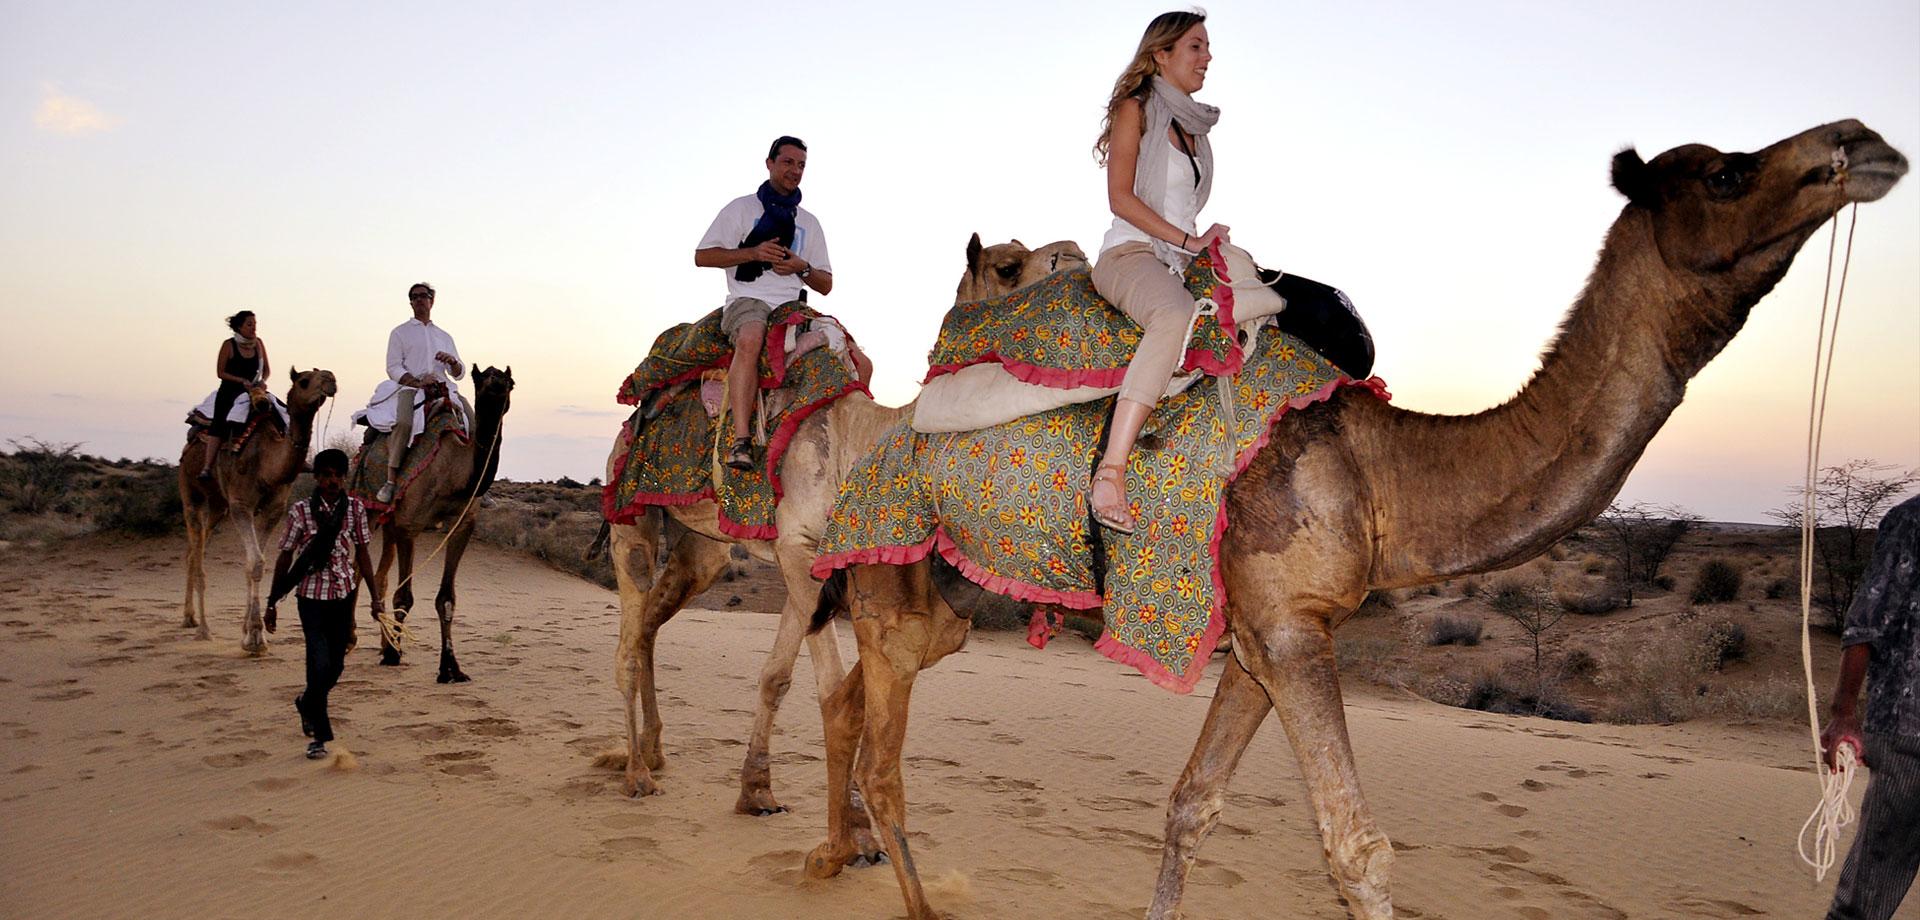 Jaisalmer Desert C& & Jaisalmer Desert Camp Jaisalmer Bookings Royal Safari Camp ...